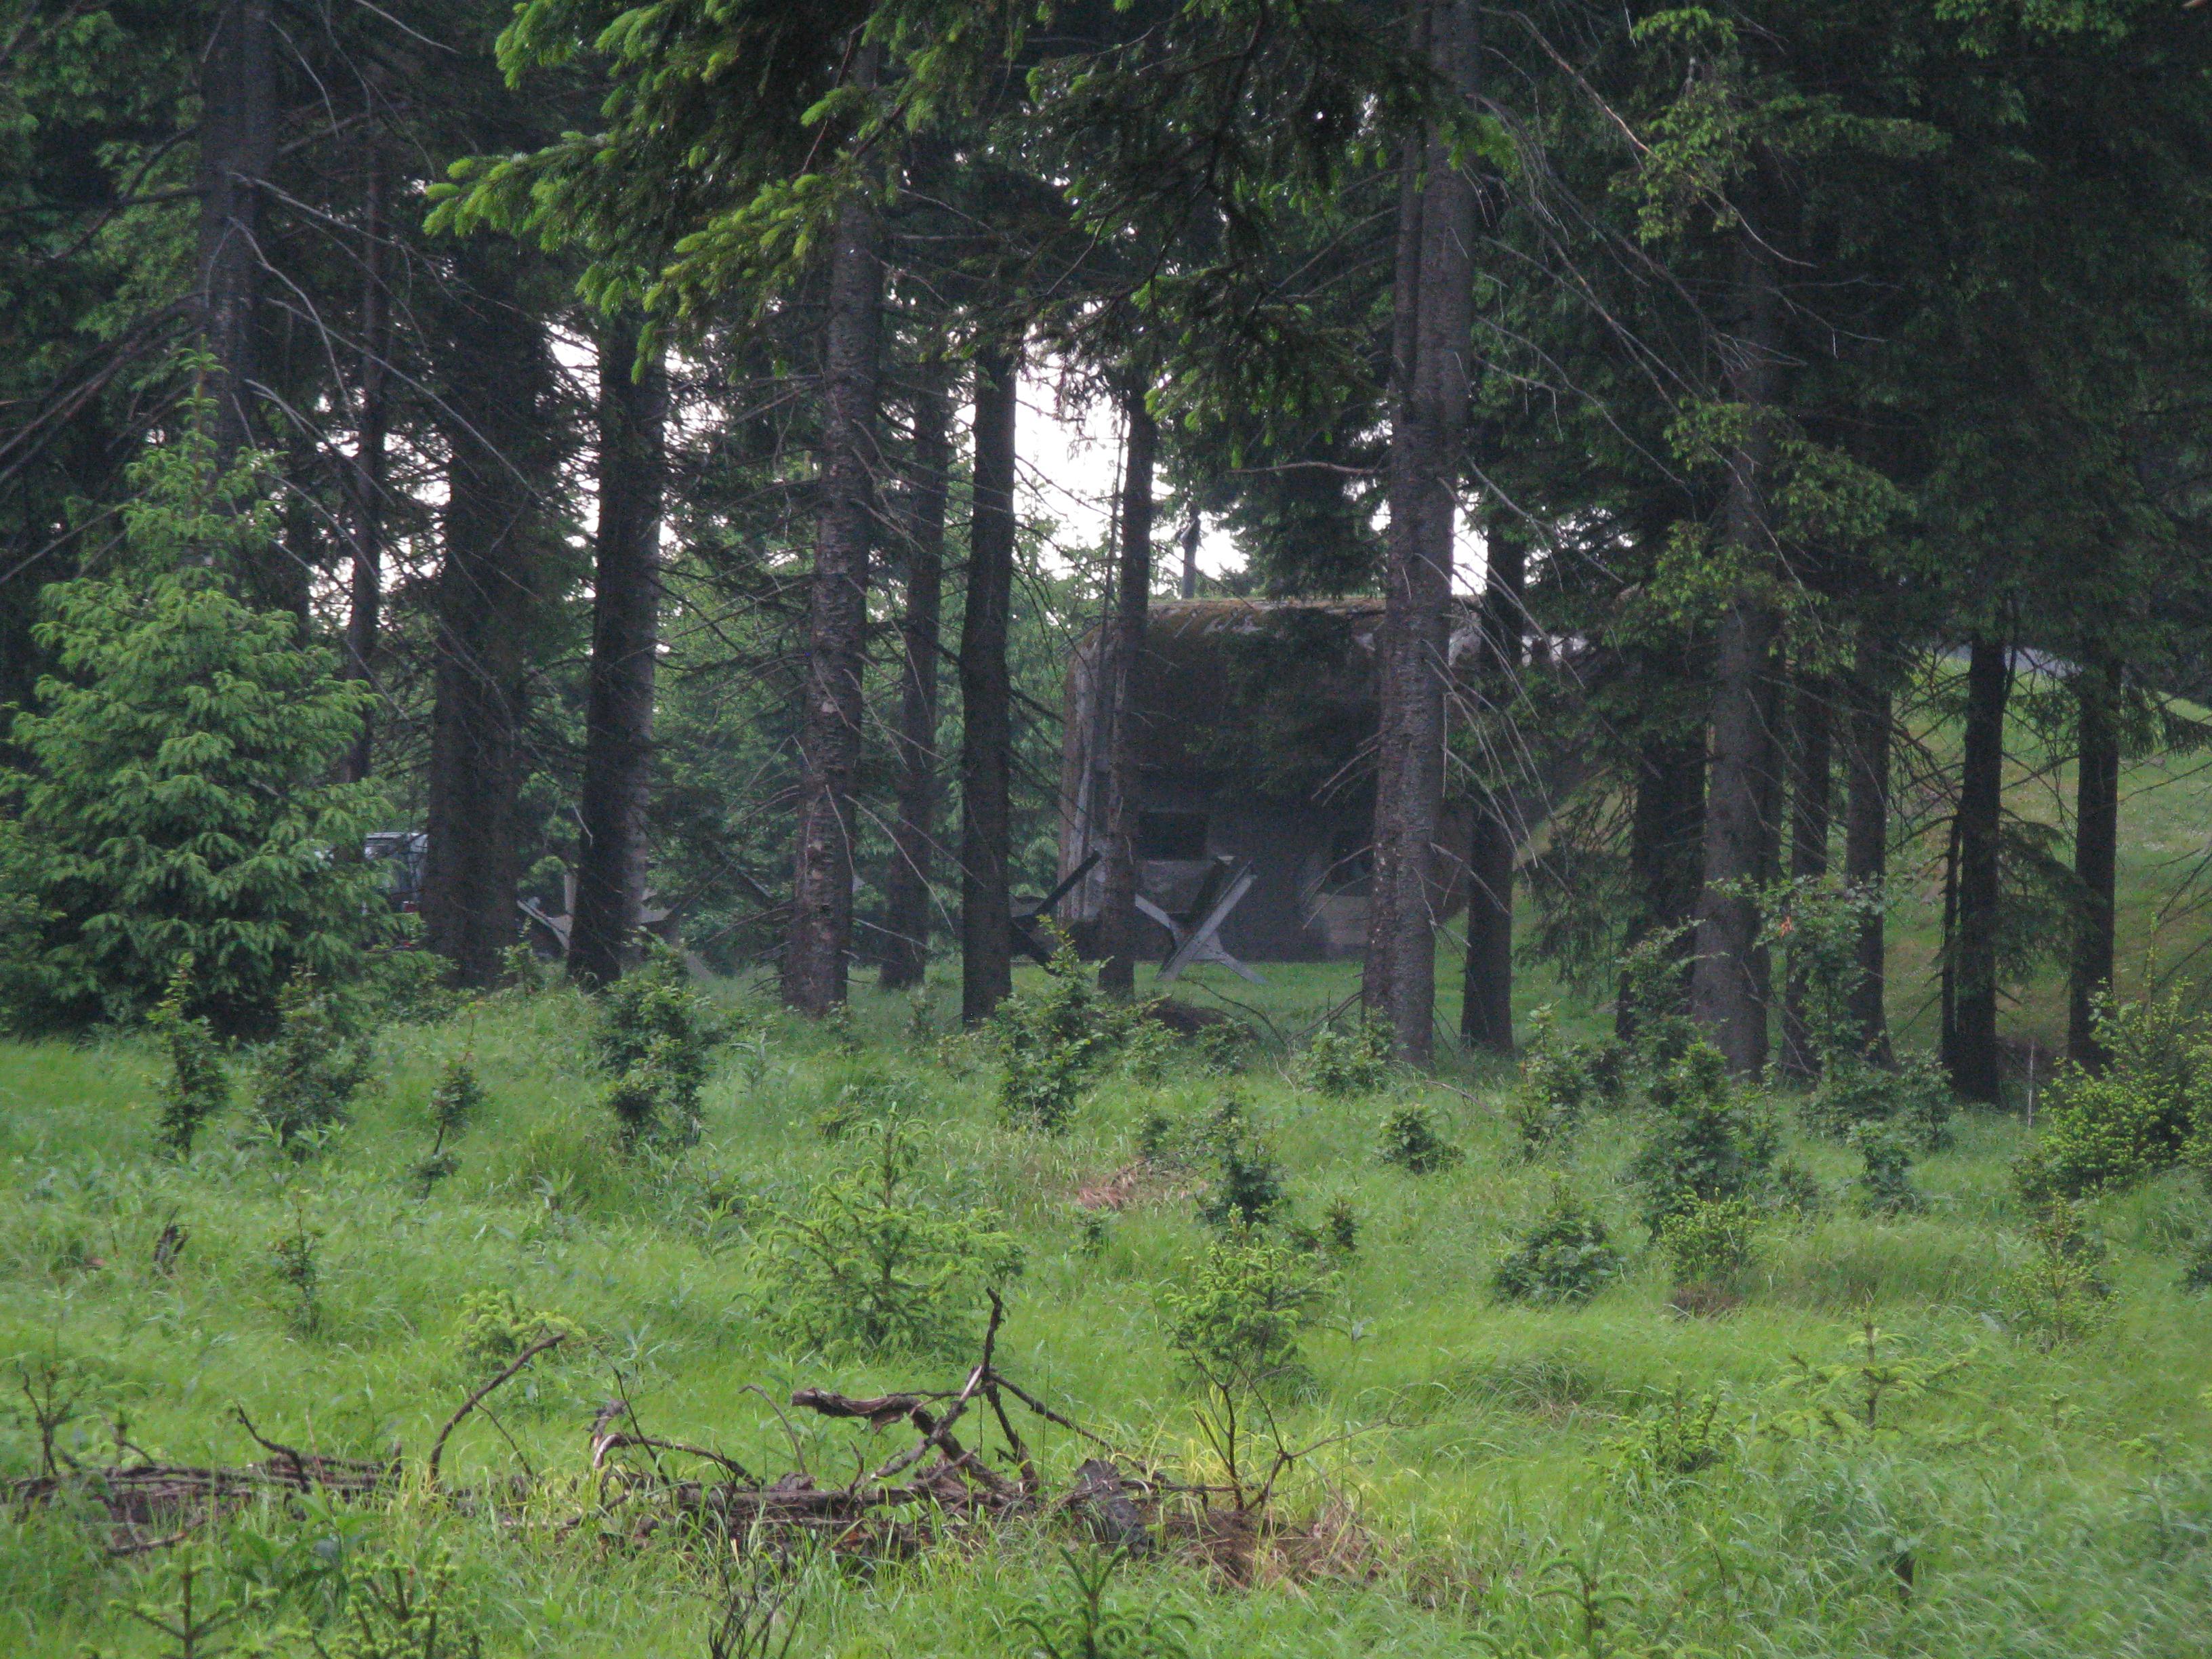 Foto 4: R-S 87 Průsek, pohled z boku